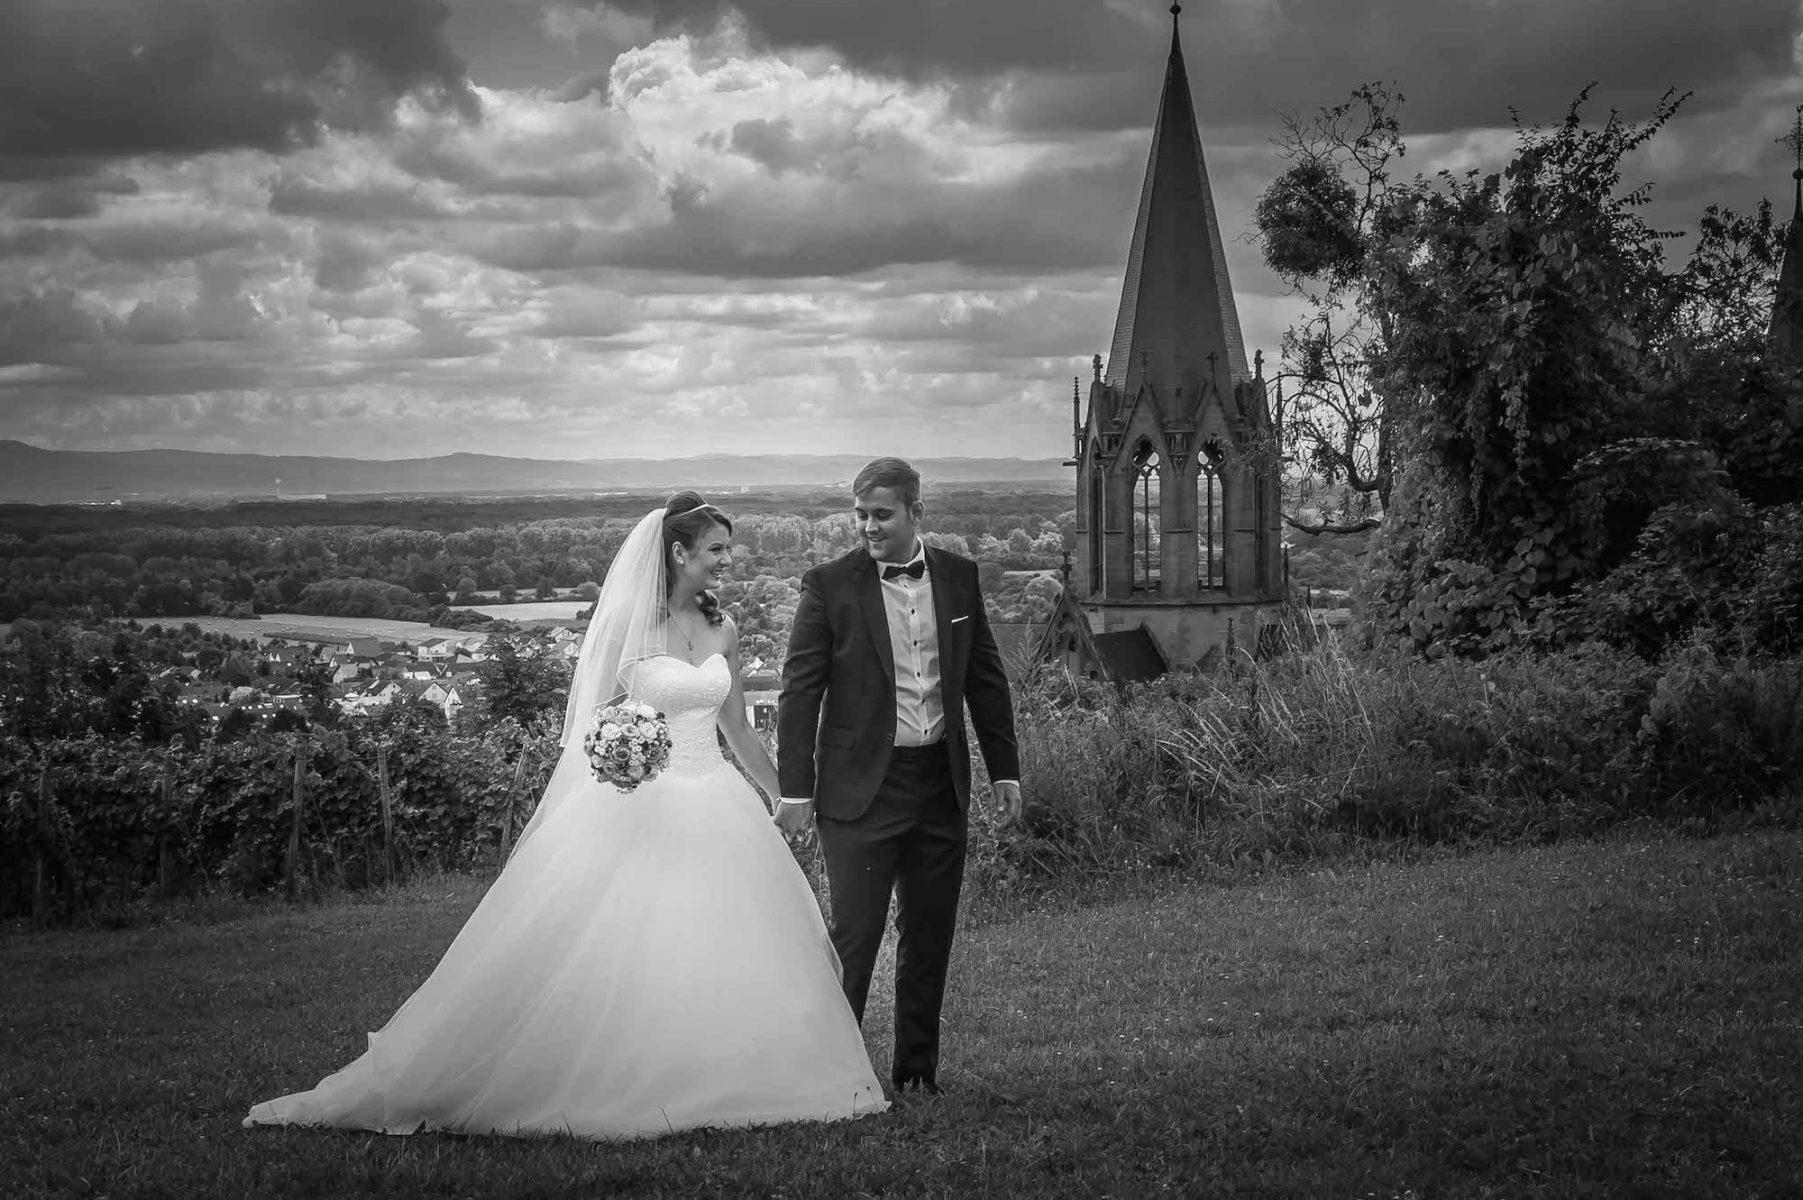 amatustra Hochzeit Zweisam B2000 228906 1803x1200 - ZWEISAM